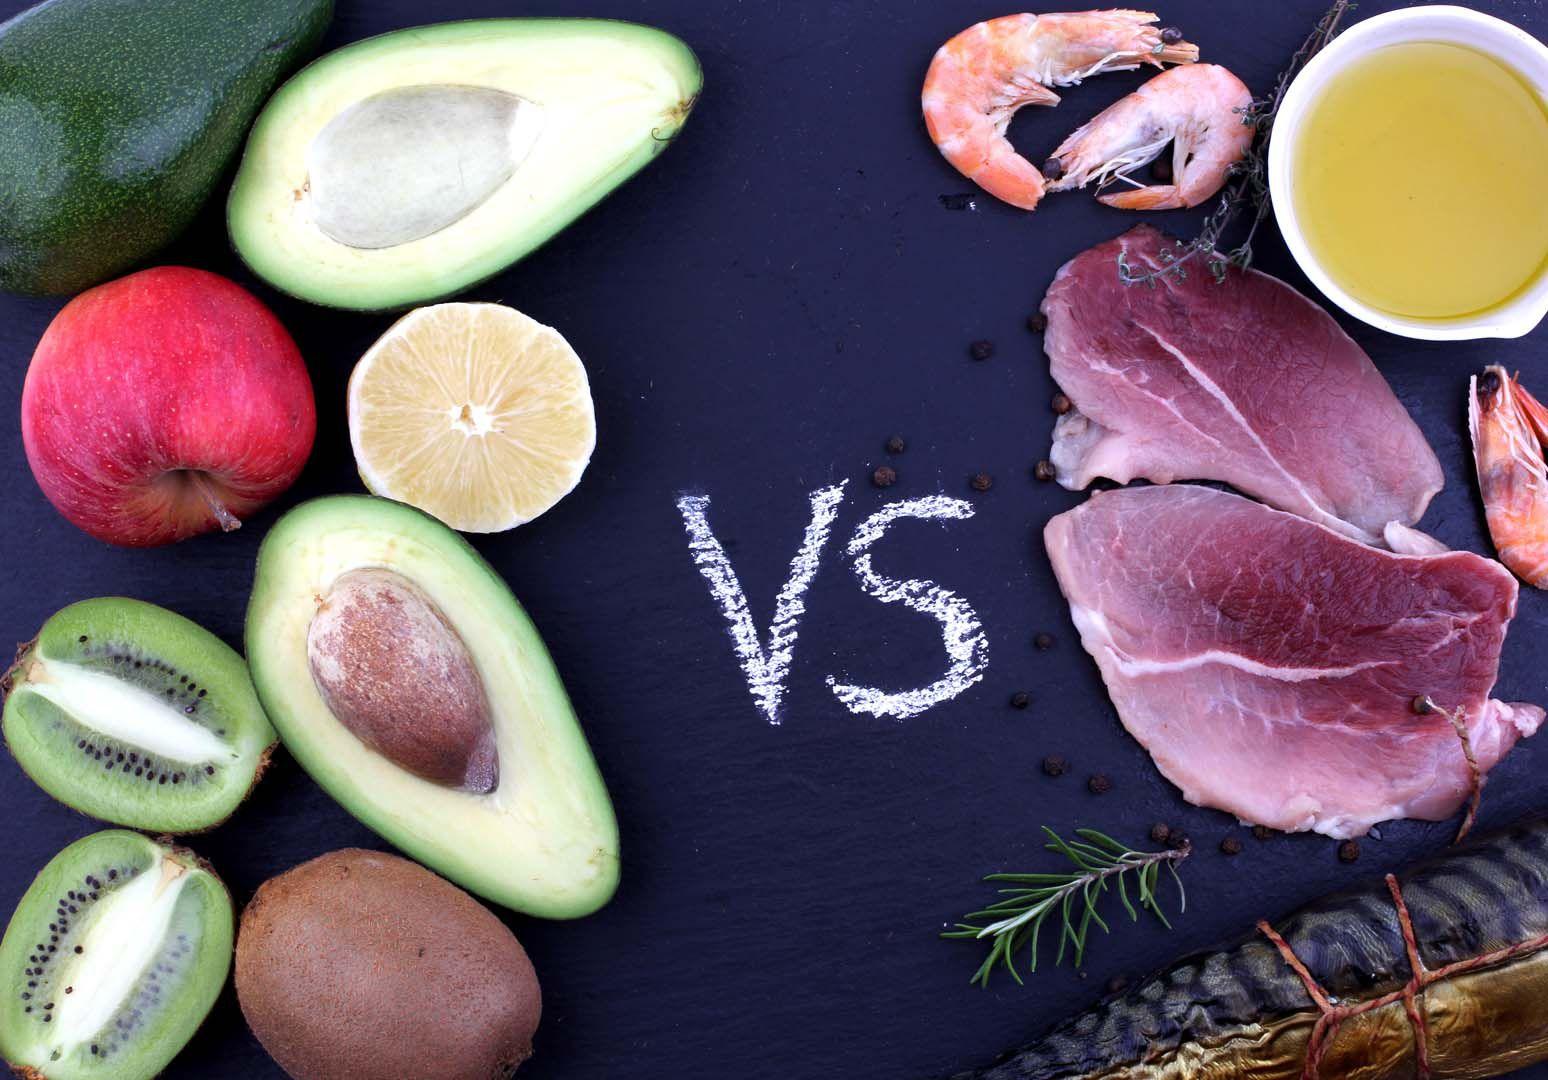 Las granjas de carne orgánica tienden a producir menos carne por individuo, lo que significa que las granjas orgánicas deben criar más animales para satisfacer el mismo nivel de demanda (foto: Shutterstock)